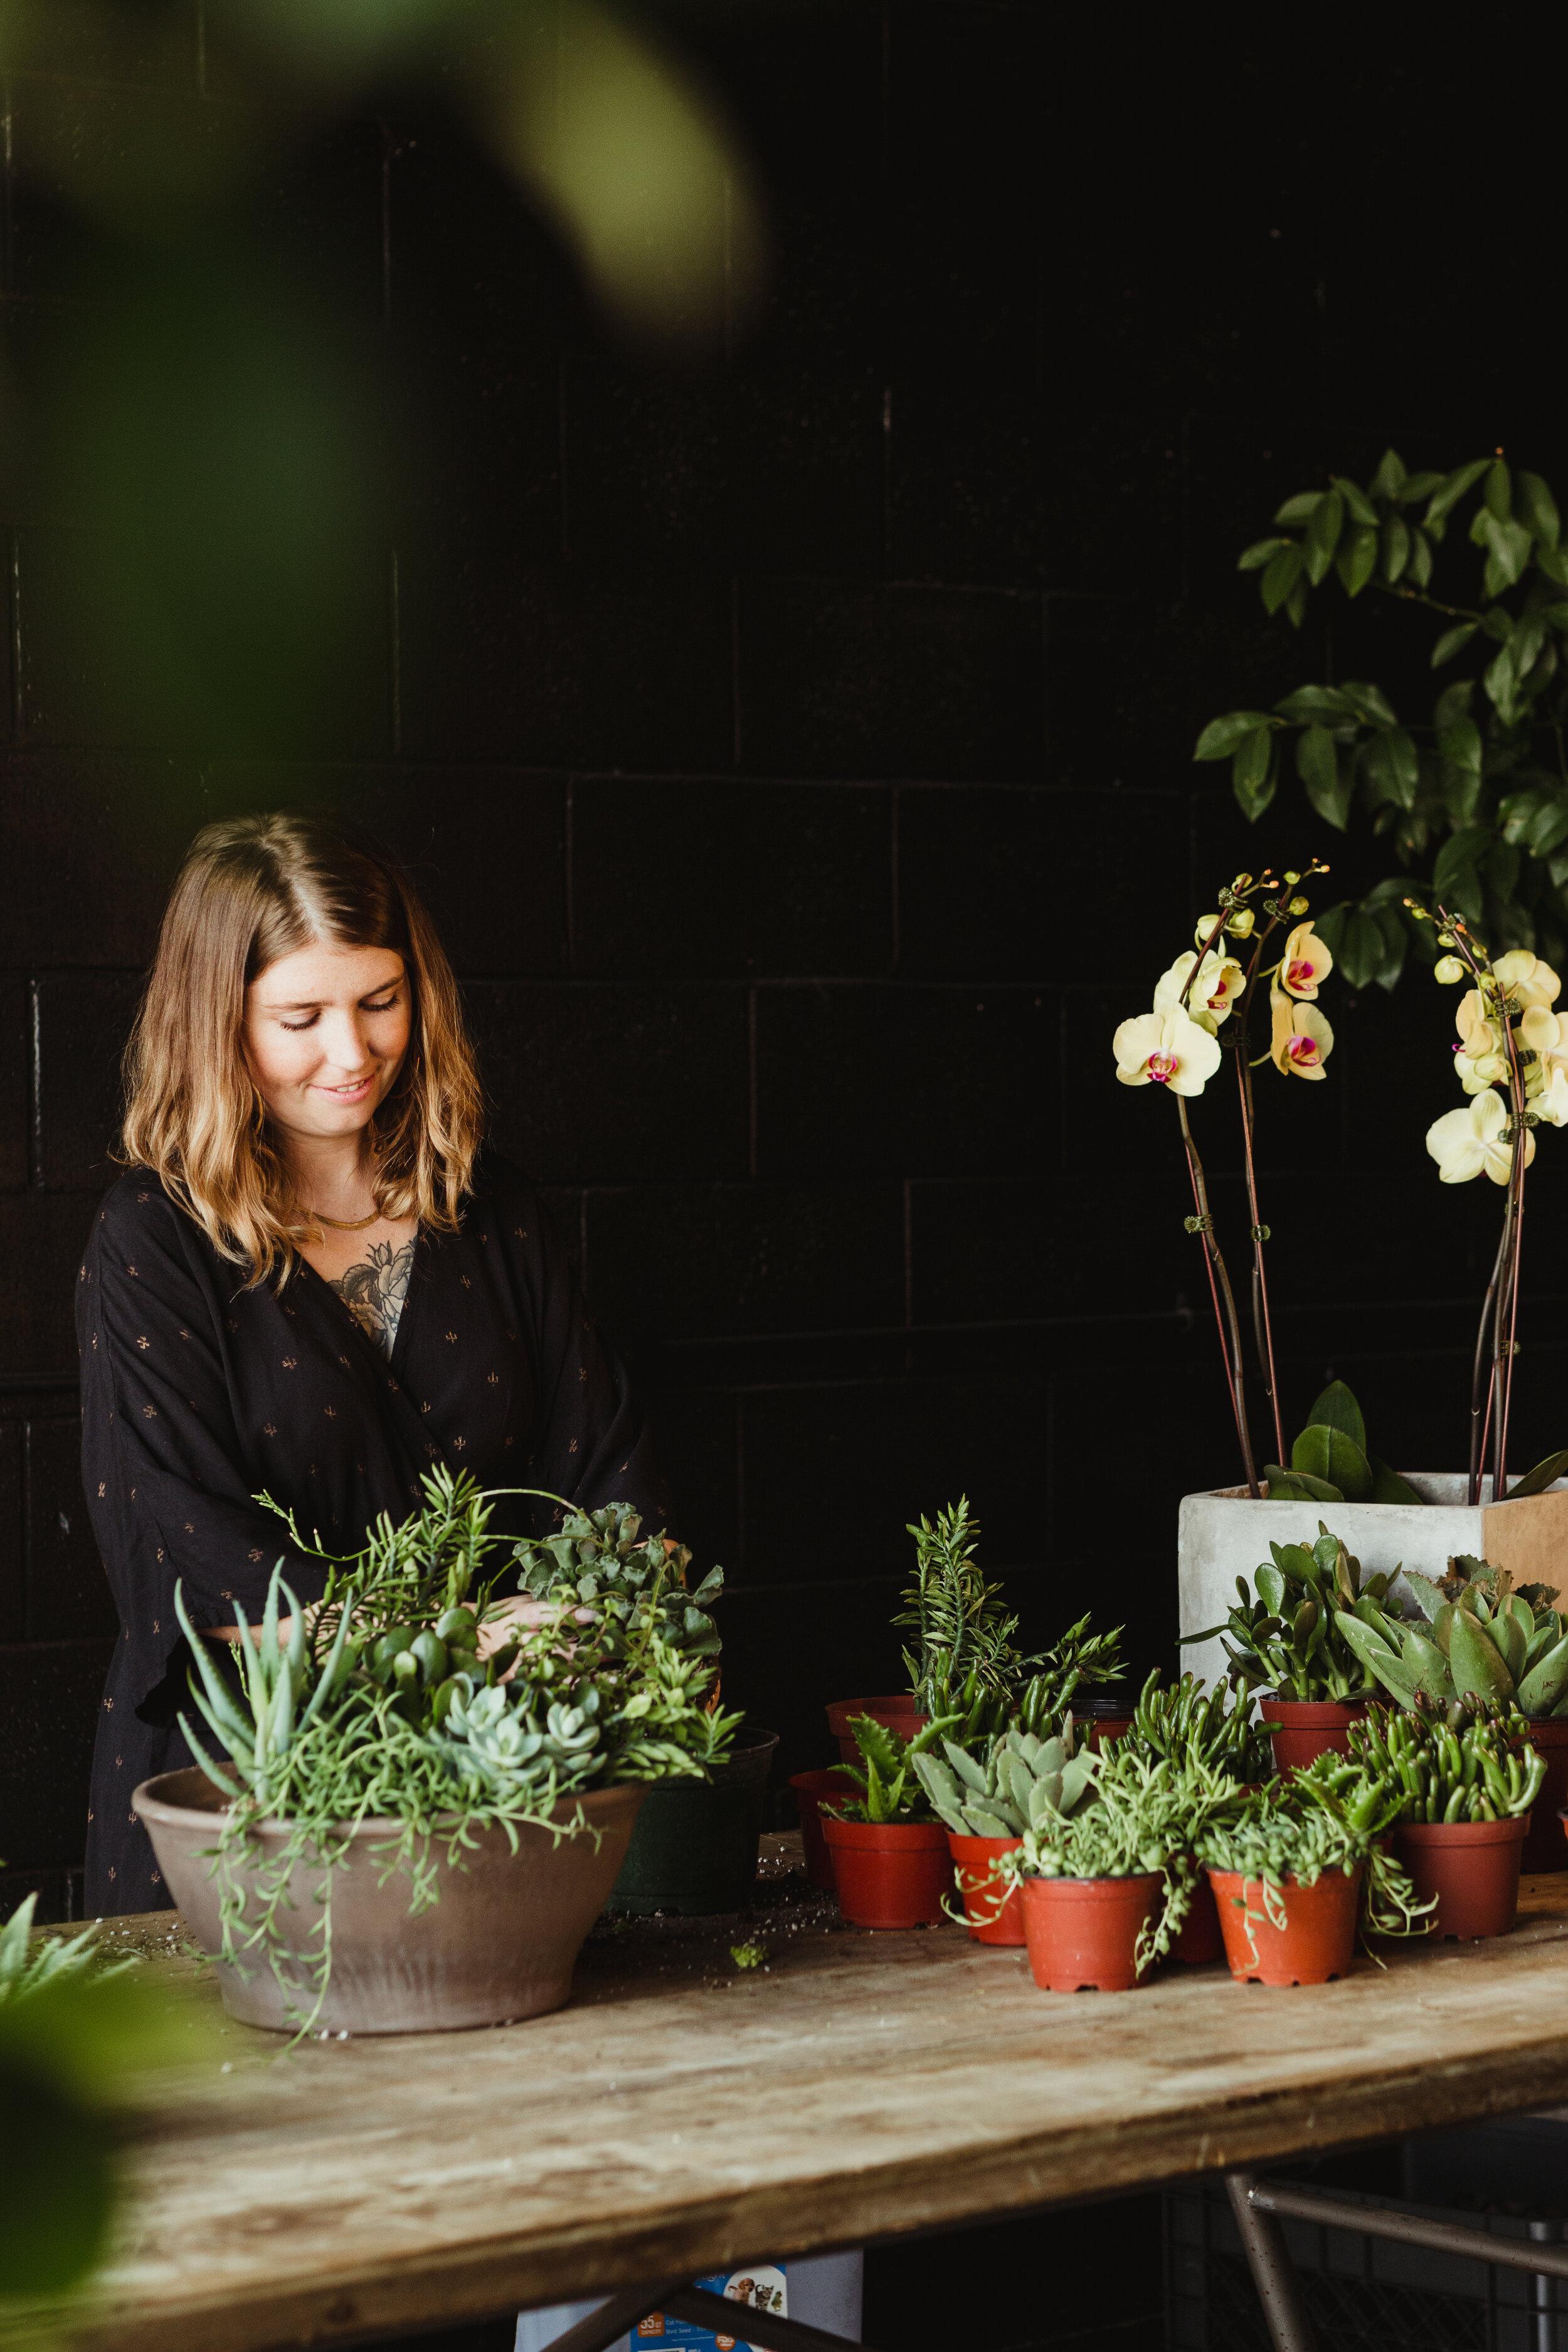 succulents_bts_styledshoot_360west_magazine_deryk15.jpg